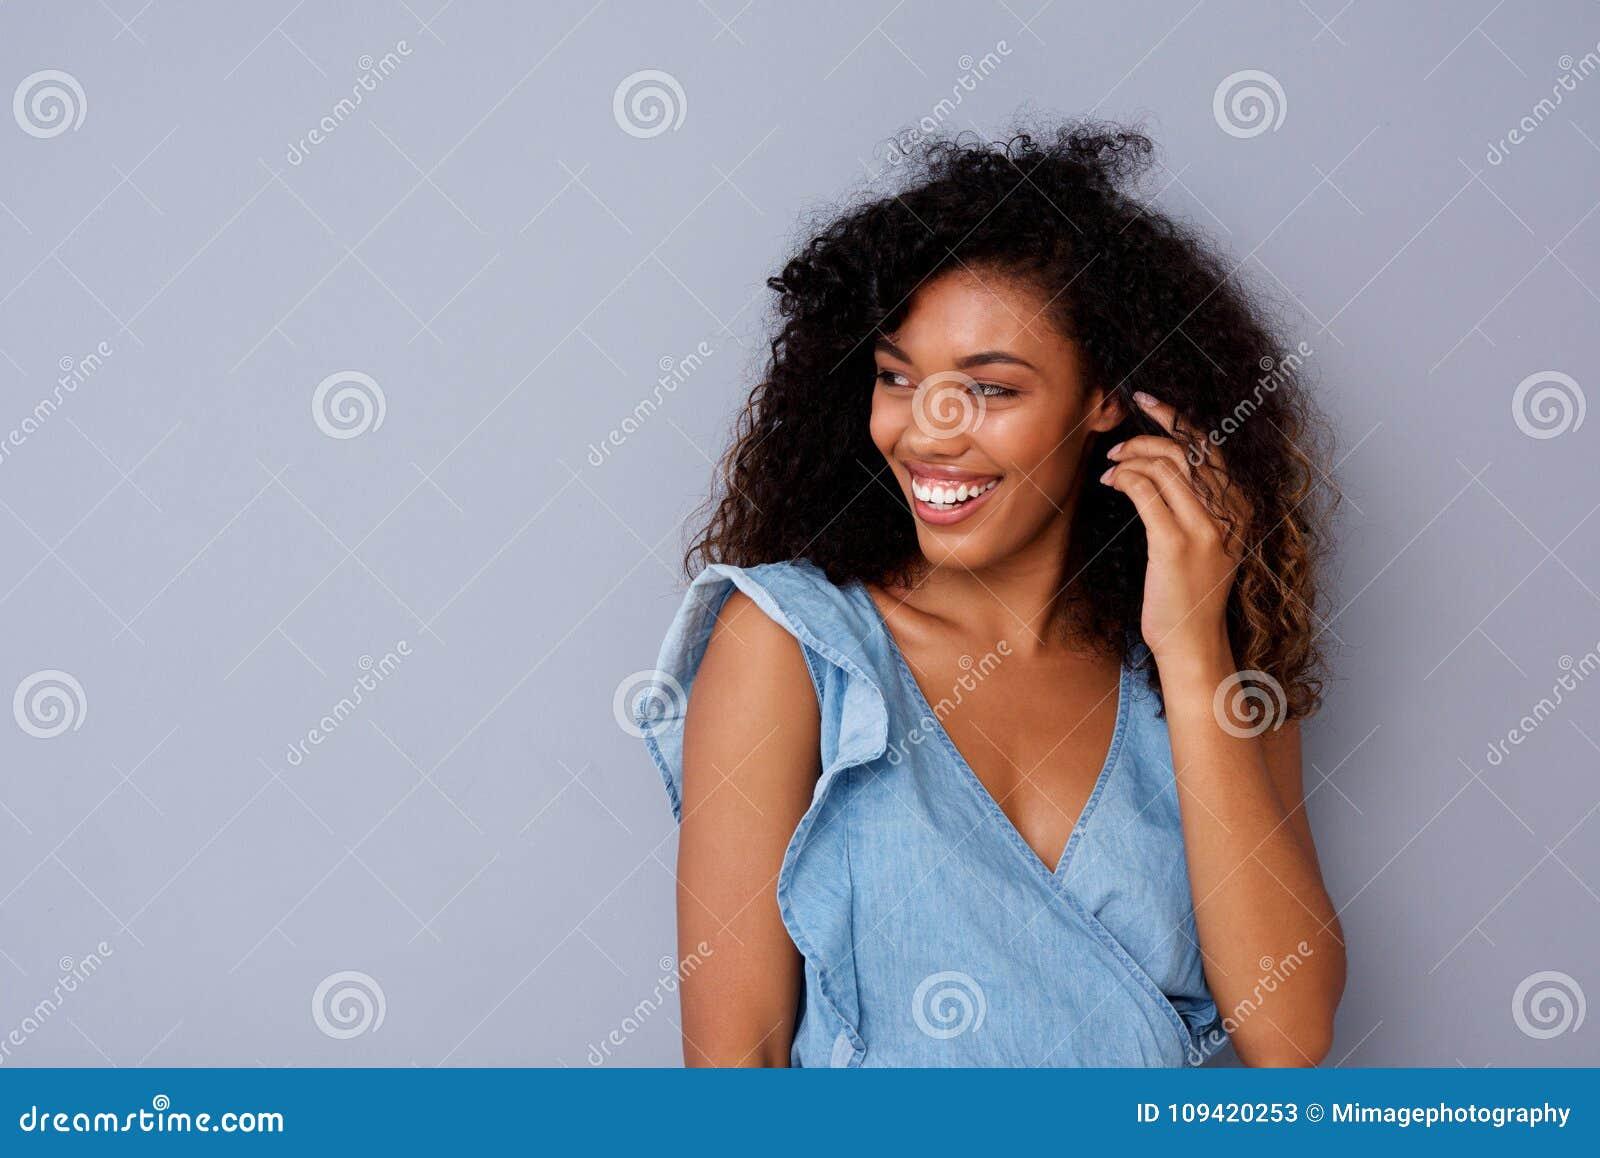 Portret szczęśliwa młoda amerykanin afrykańskiego pochodzenia kobieta ono uśmiecha się przeciw szaremu tłu